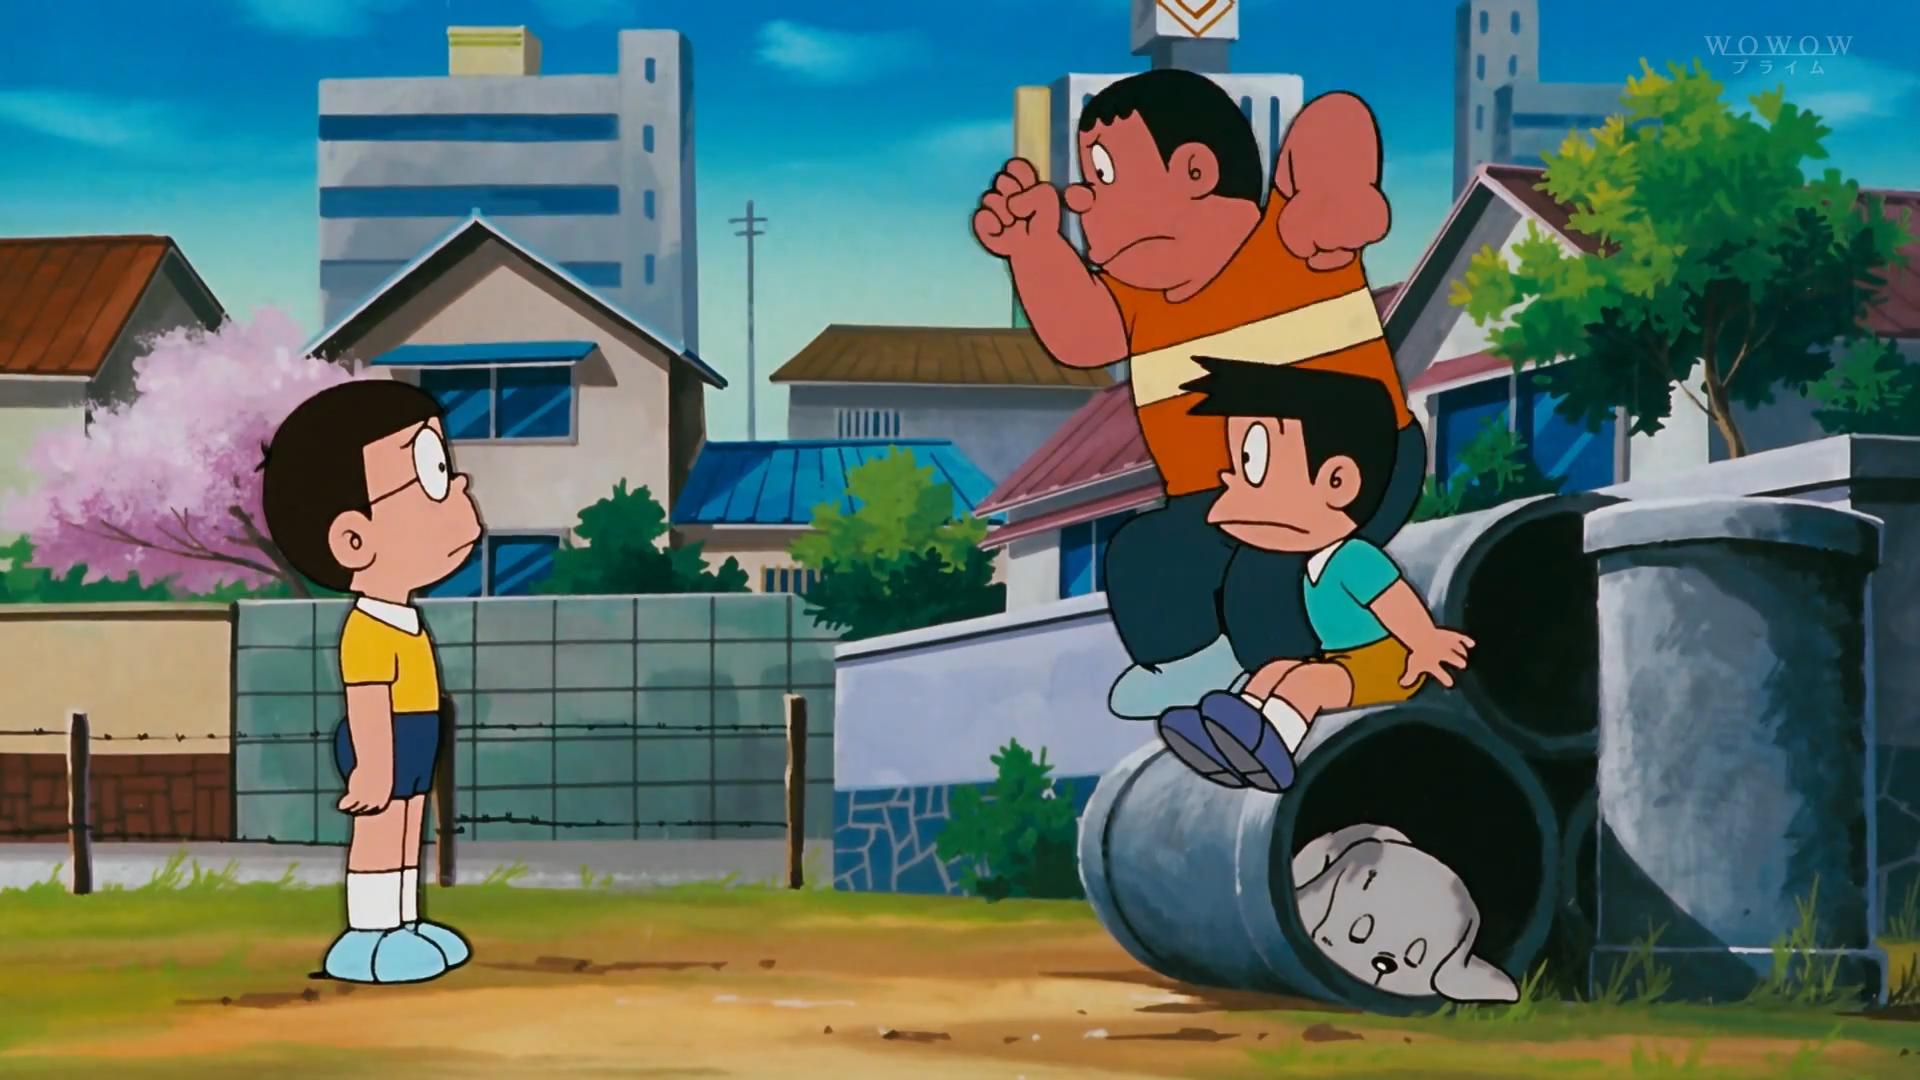 โดราเอมอน ตะลุยแดนมหัศจรรย์   Doraemon Thai Wiki   Fandom